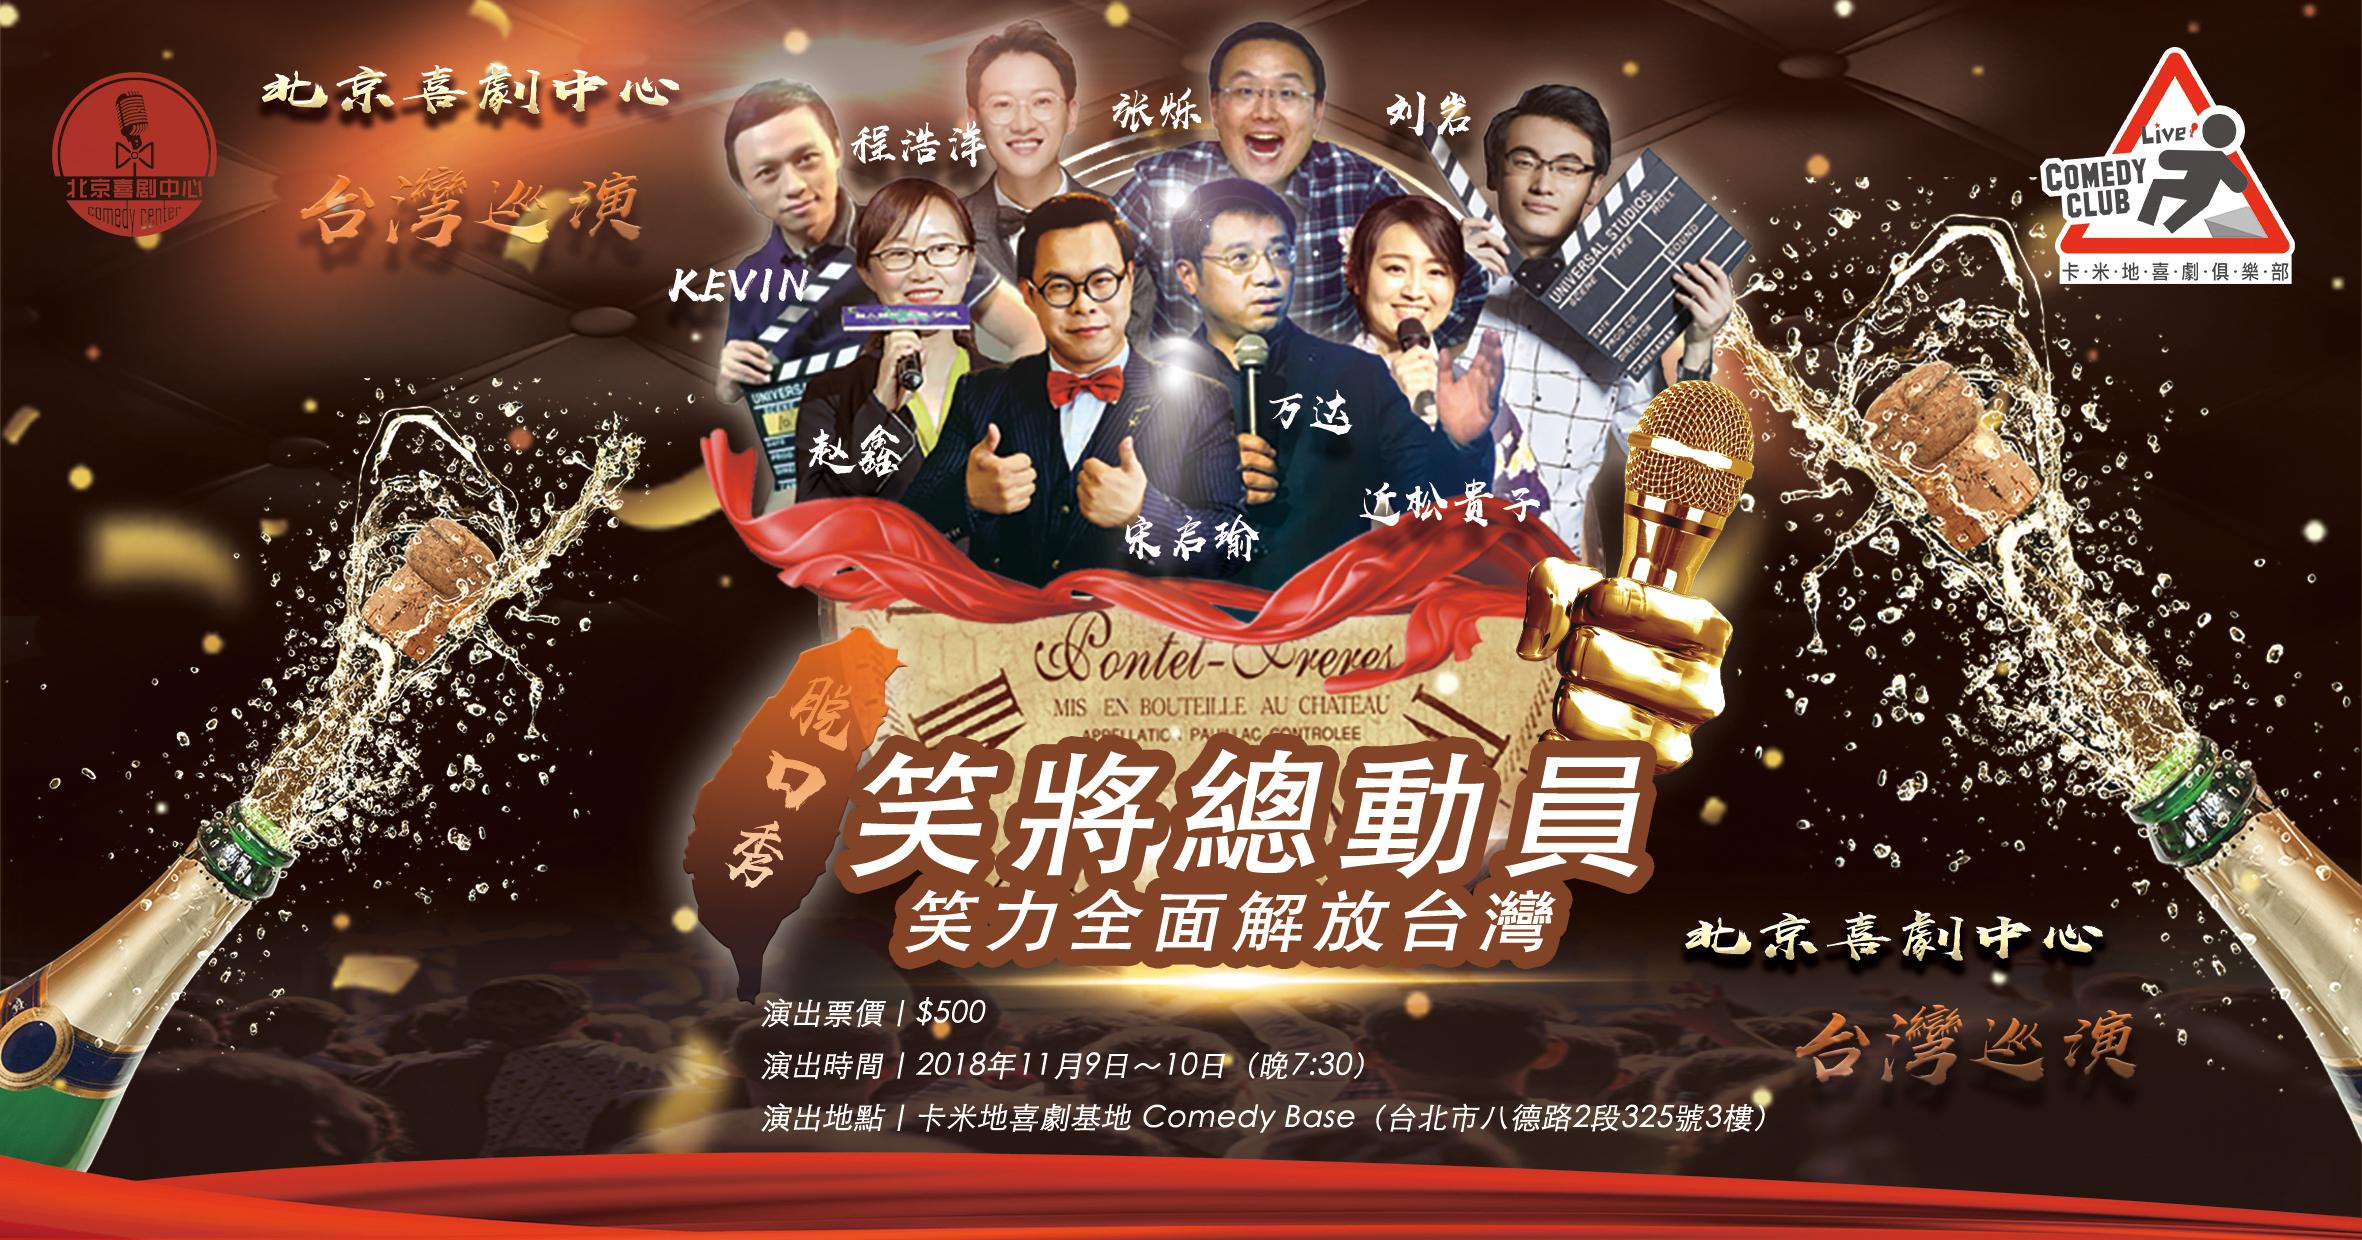 11/9-10 北京喜劇中心:笑將總動員